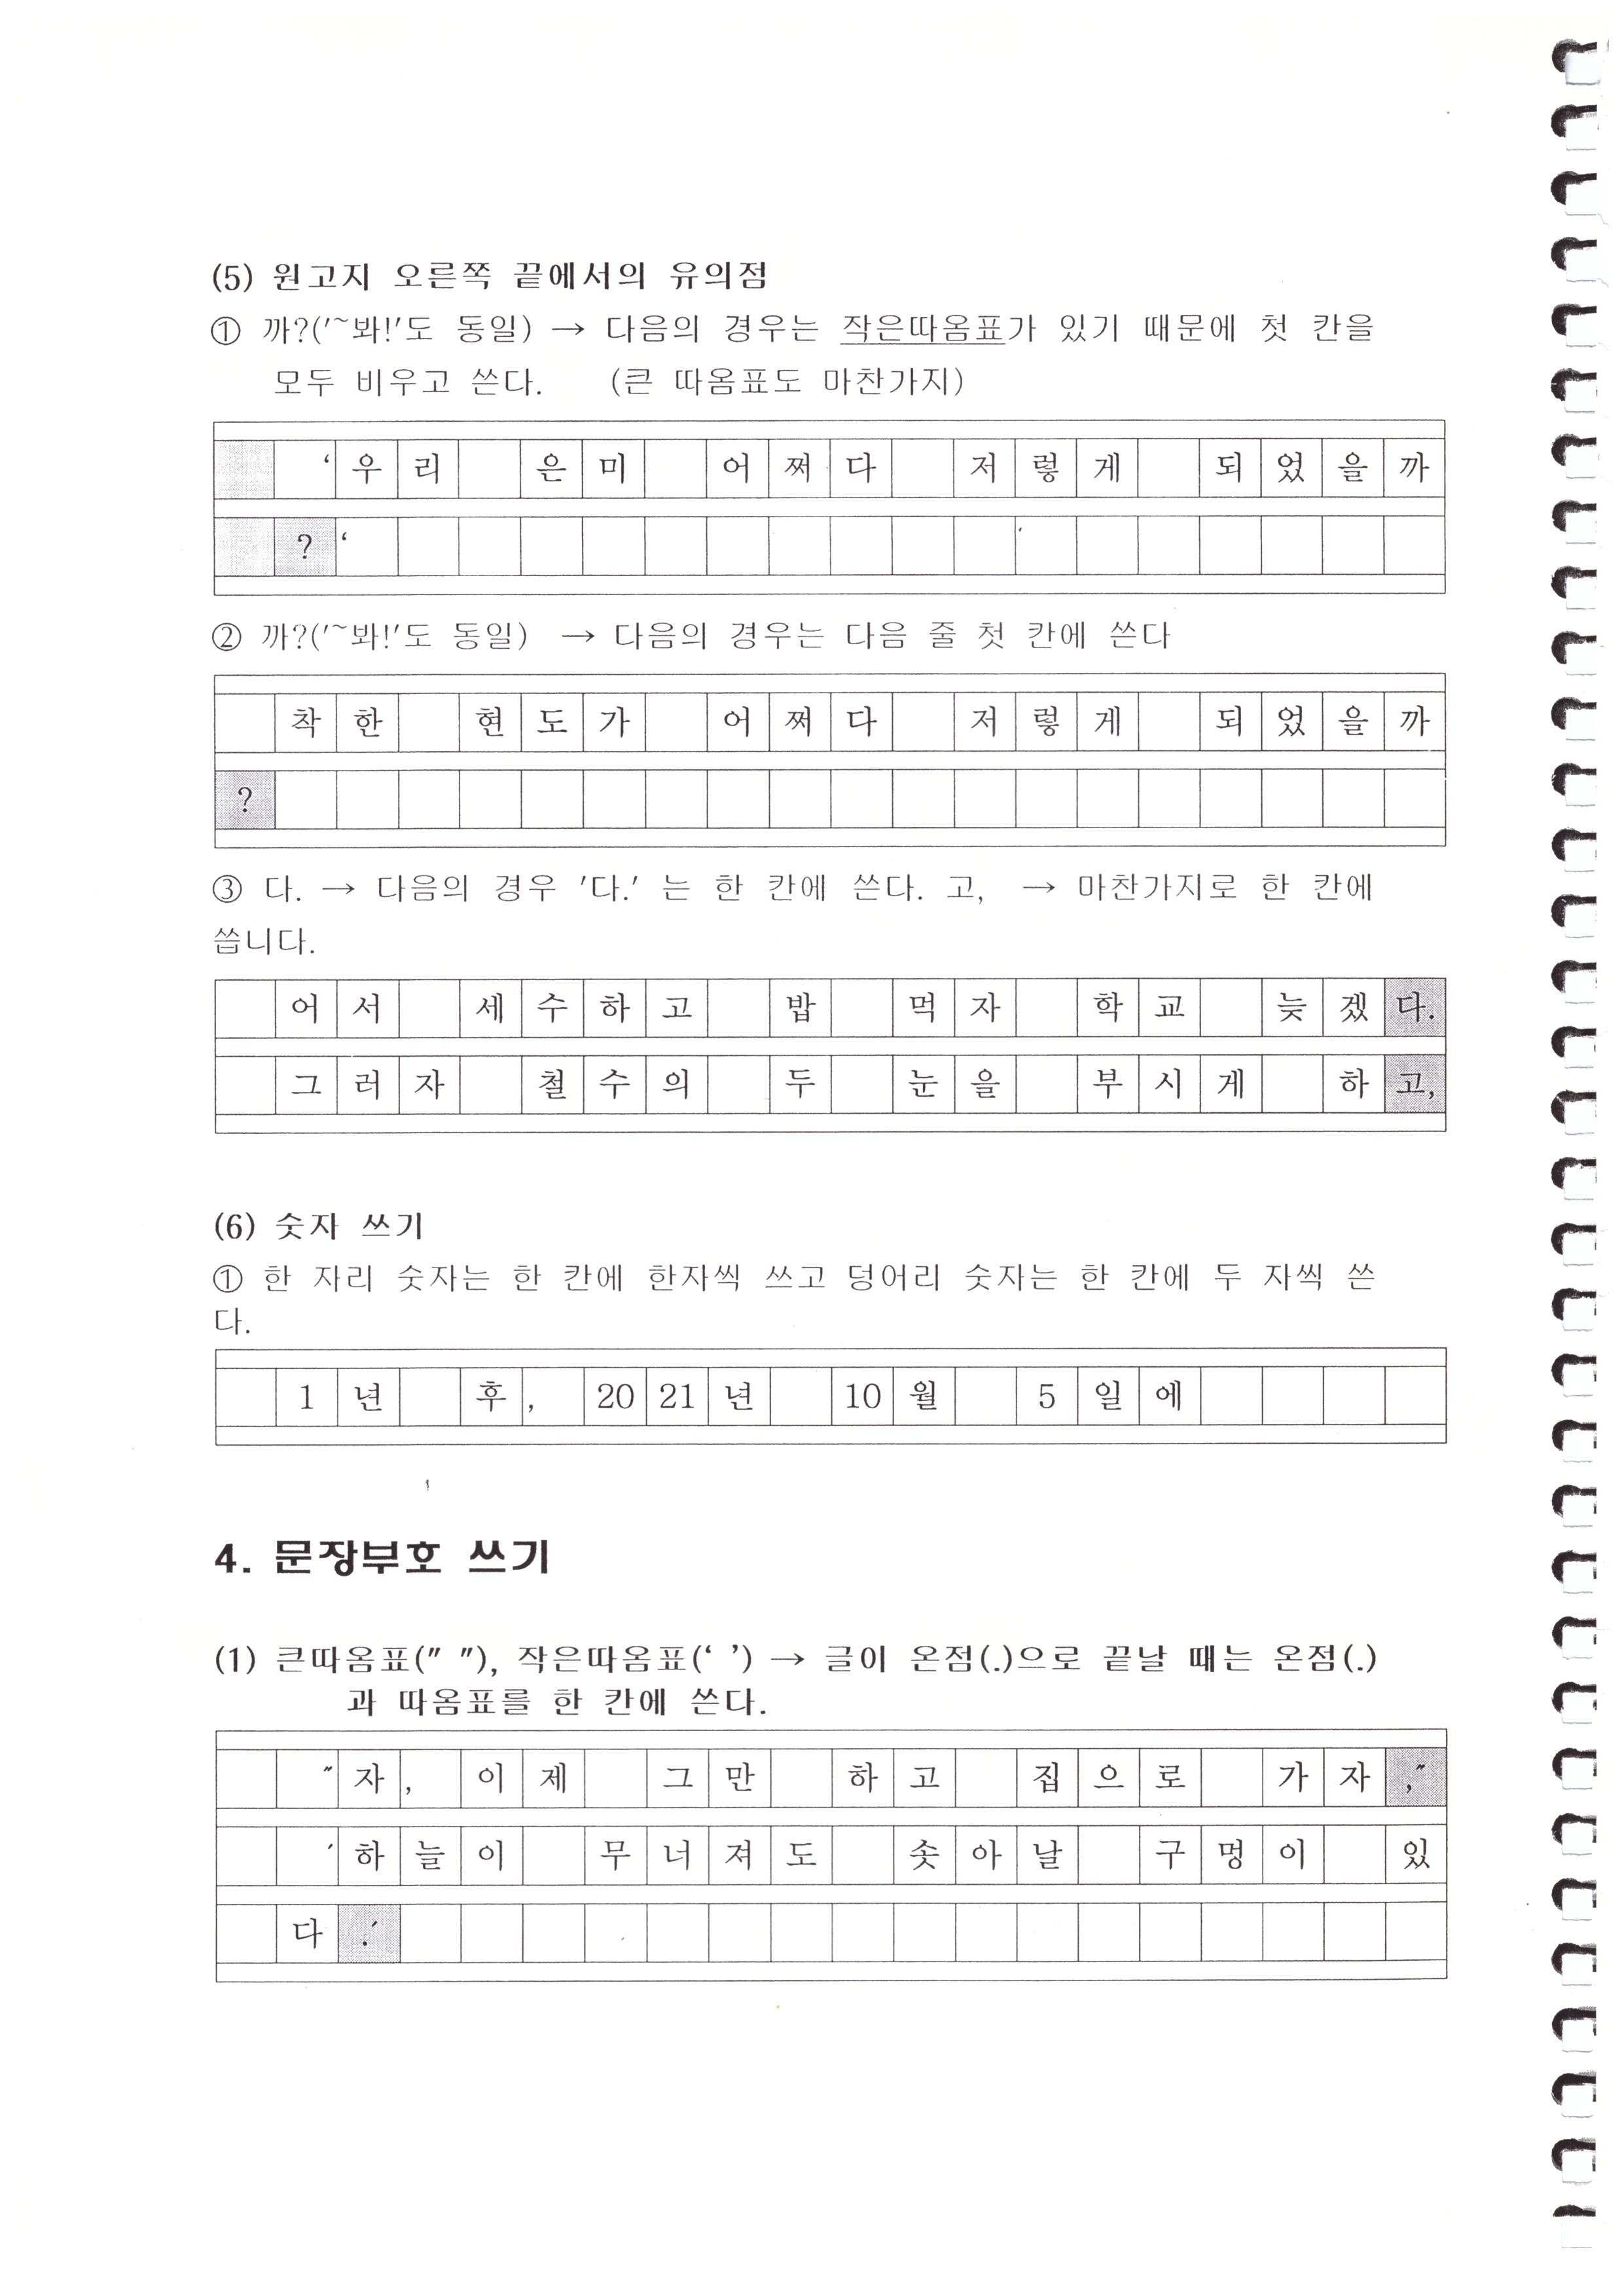 [일반] 독서노트(고학년) 원고지 쓰기 방법 안내의 첨부이미지 4